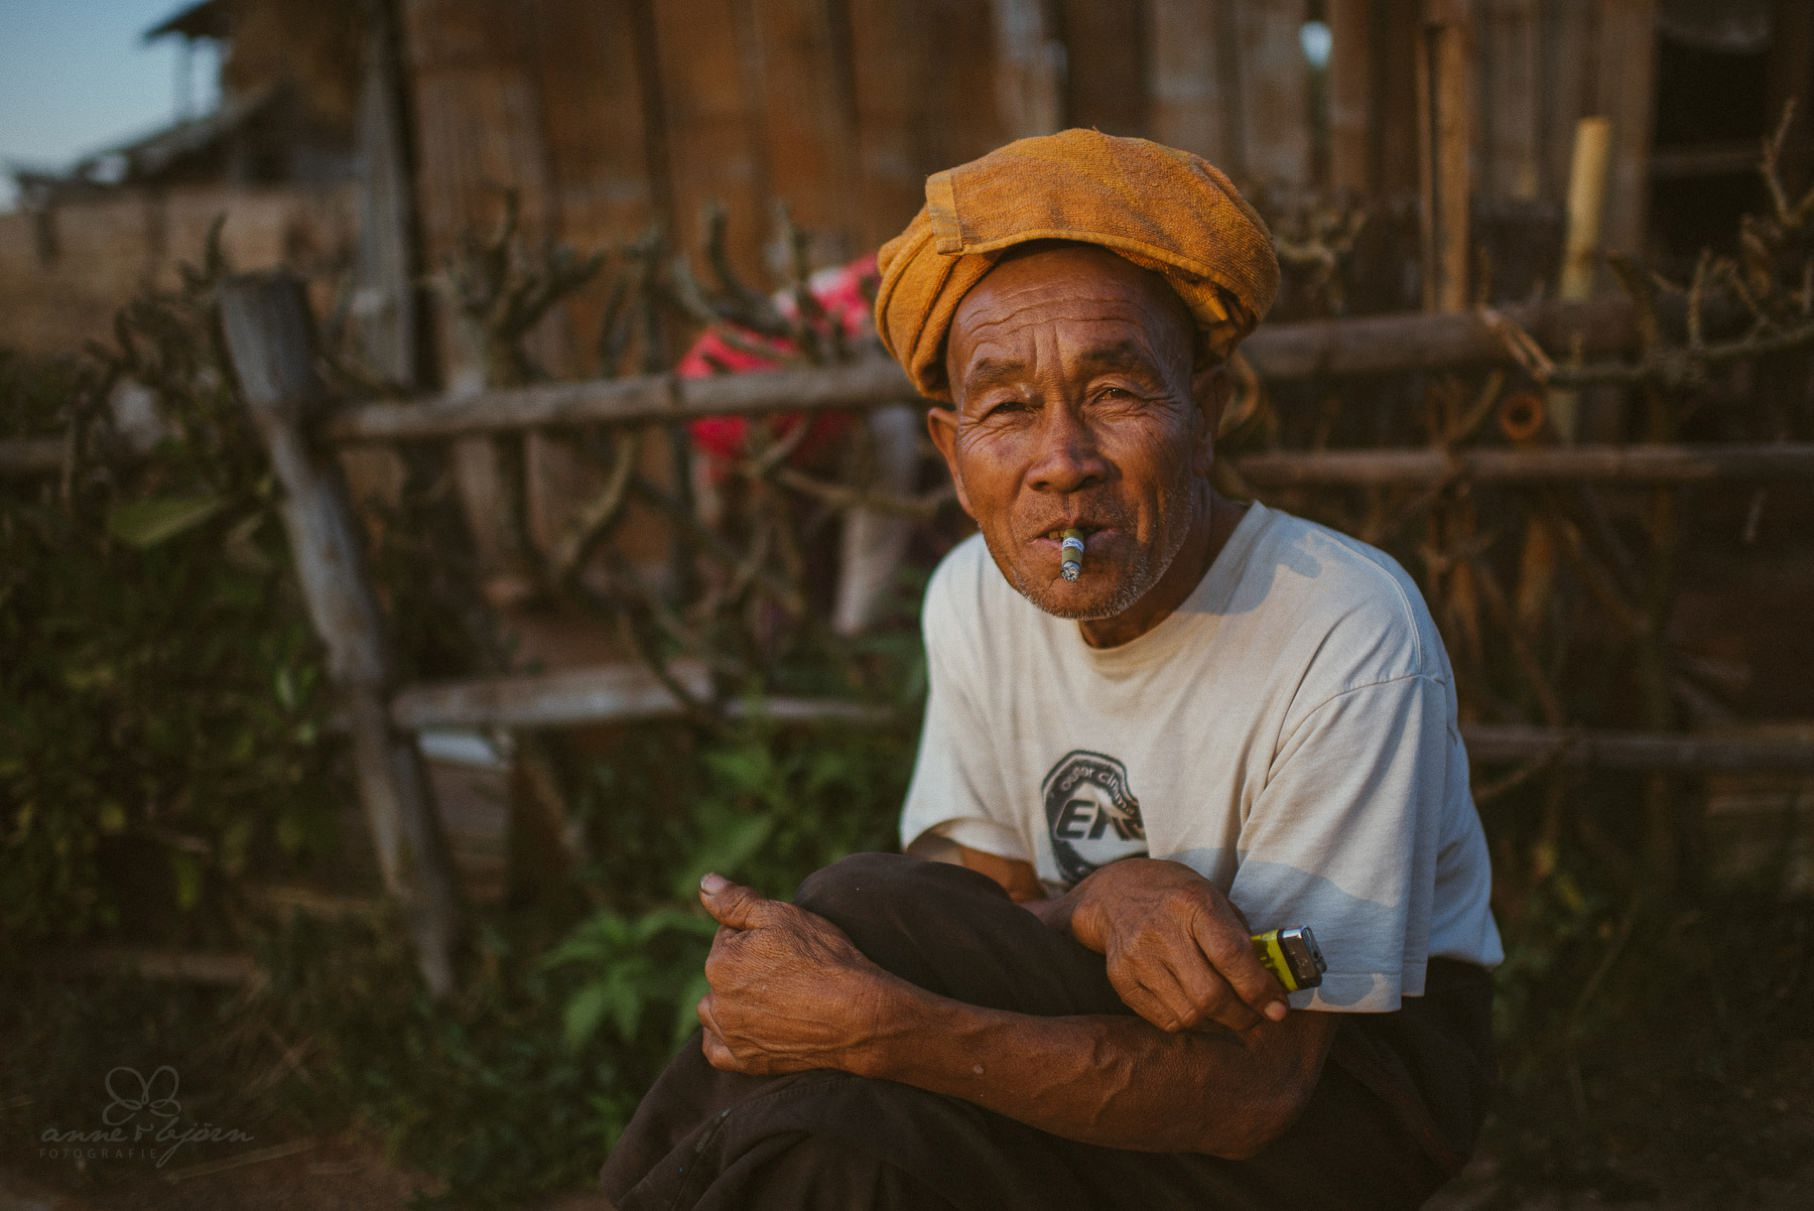 0046 inle lake trekking d76 5971 - Trekking von Kalaw zum Inle-See - Myanmar / Burma